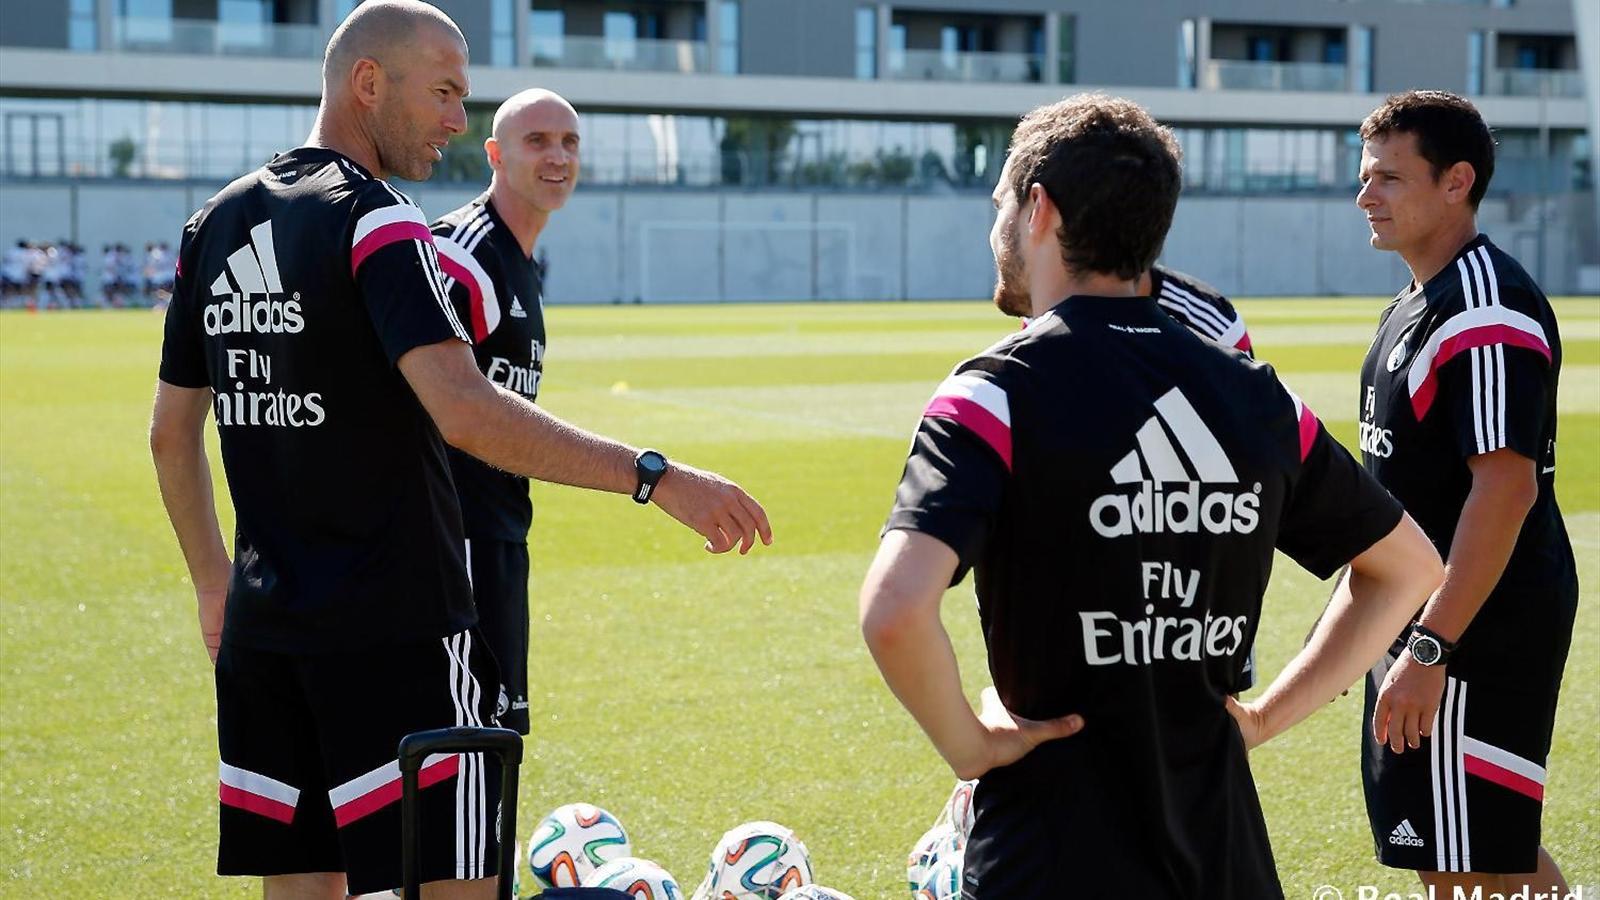 Zinedine Zidane dirige son premier entrainement à la tête de l'équipe jeune du Real Madrid